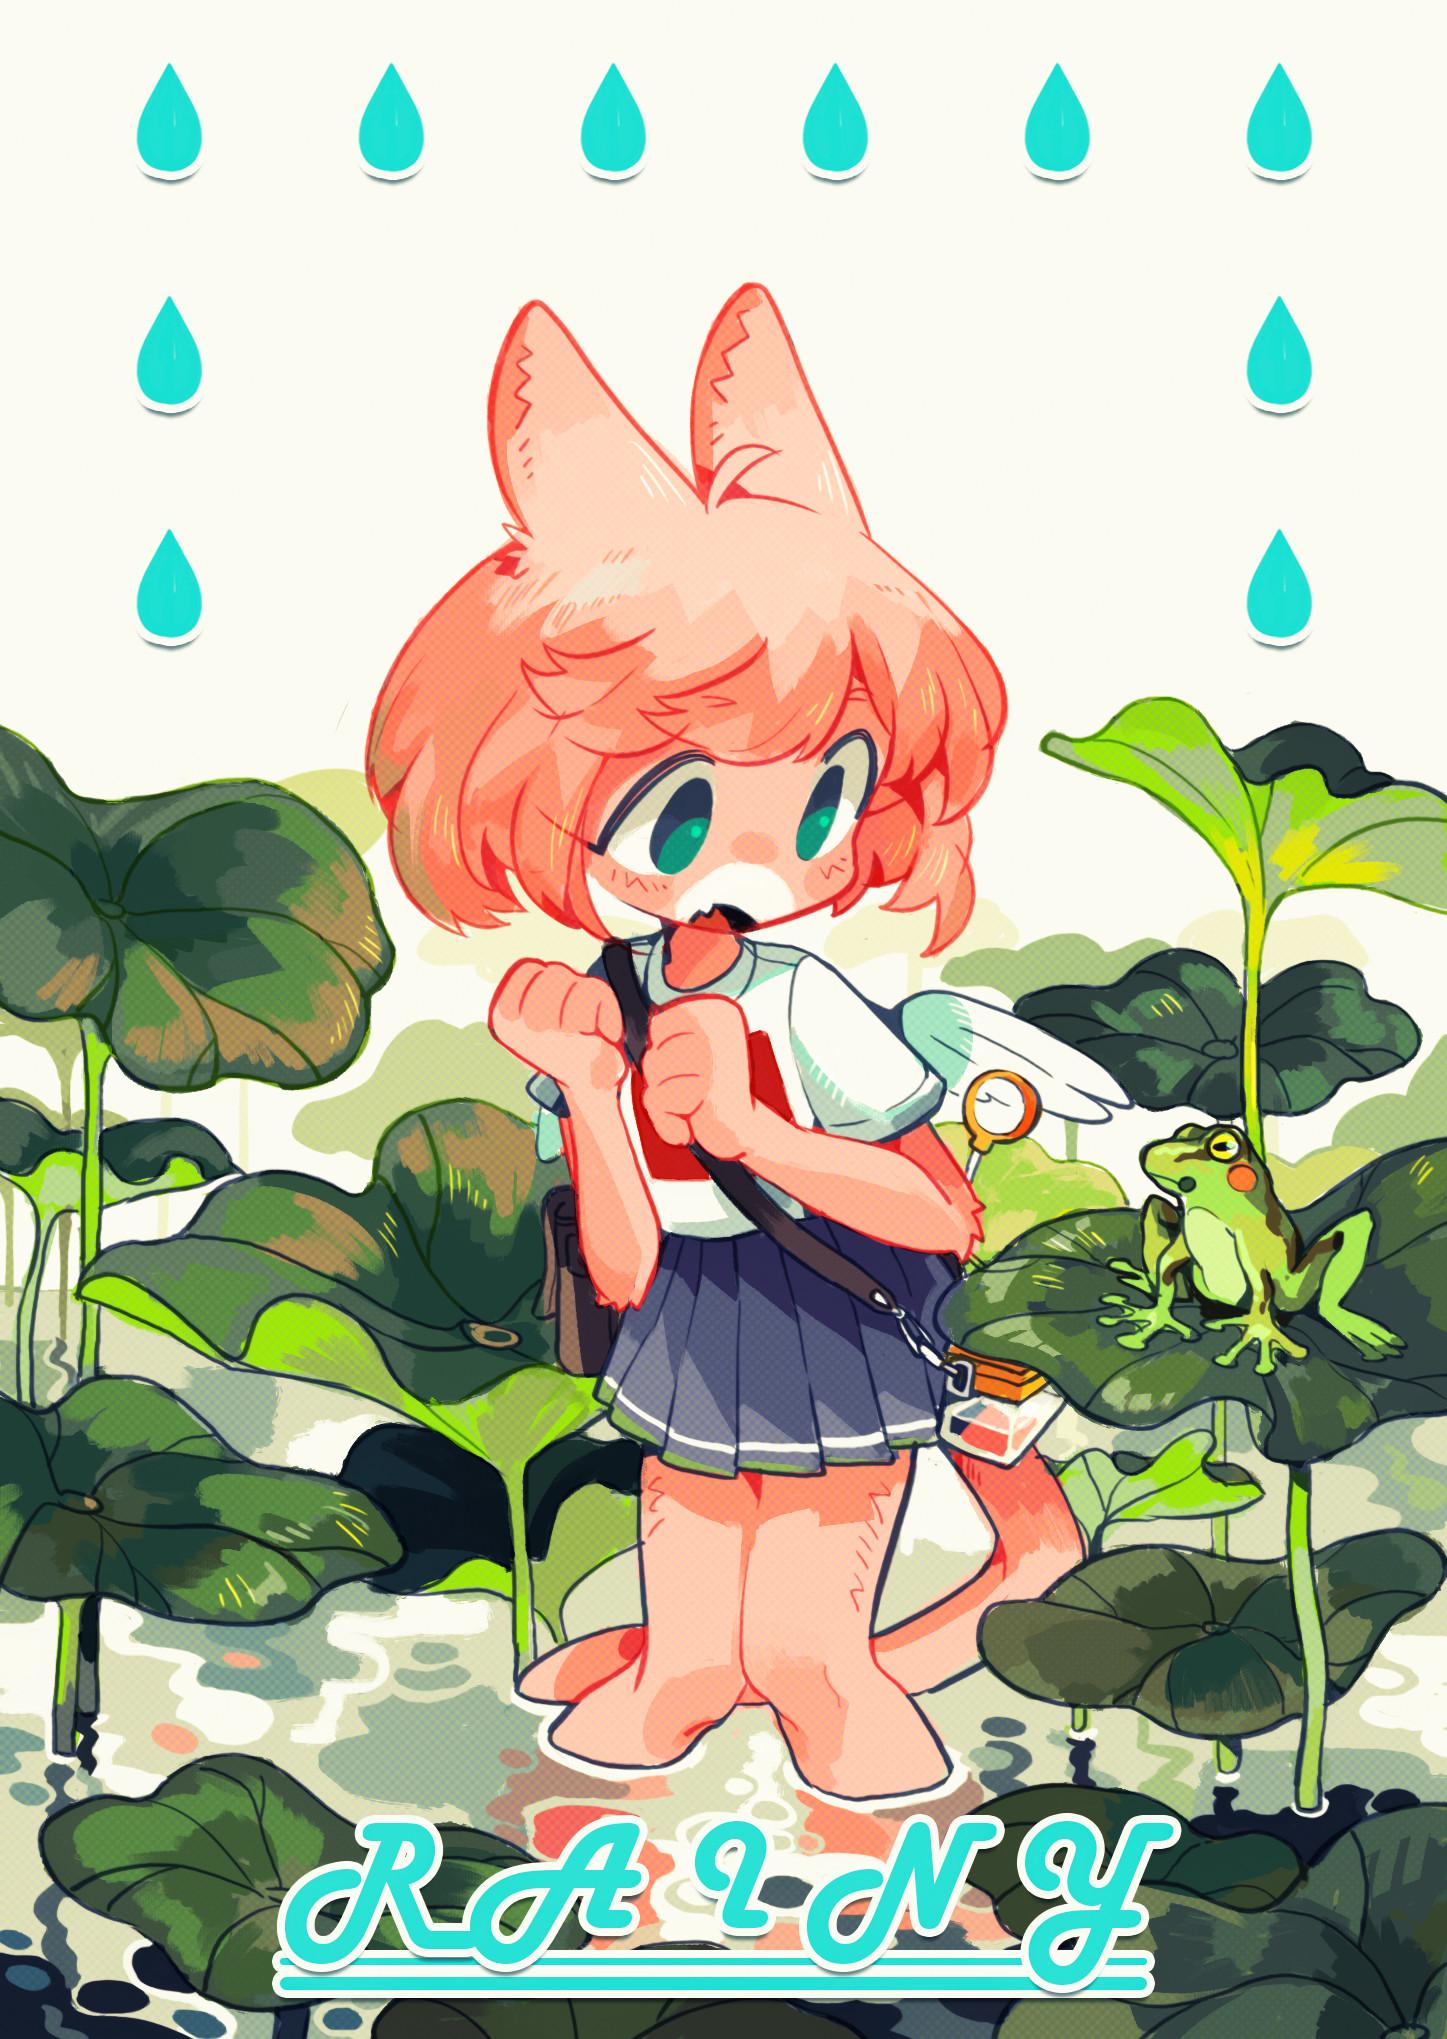 Rye yang rainy